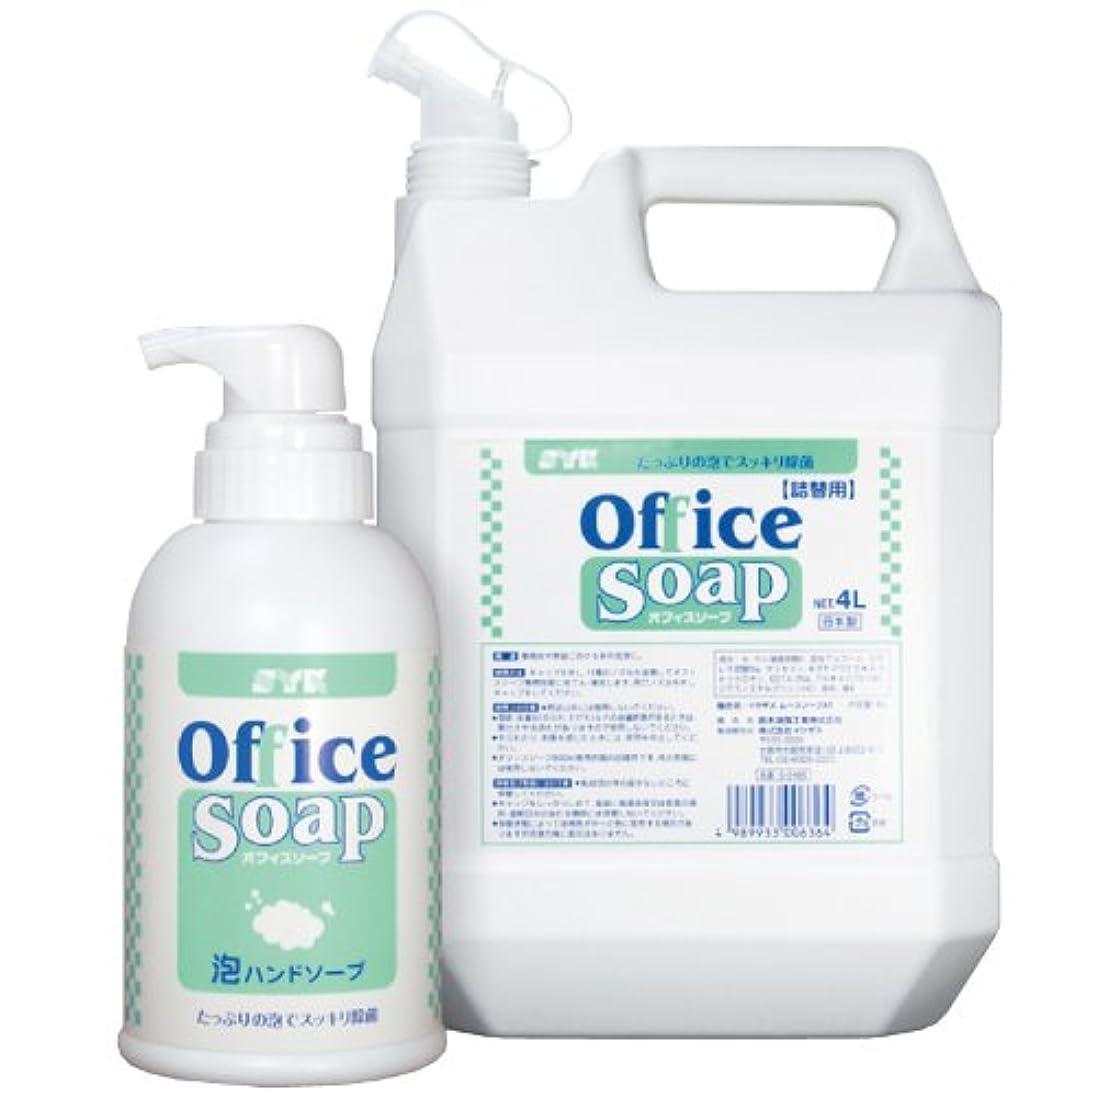 施し習慣びっくり鈴木油脂 事務所用手洗い洗剤 業務用 オフィスソープ ポンプ入 780ml×3本